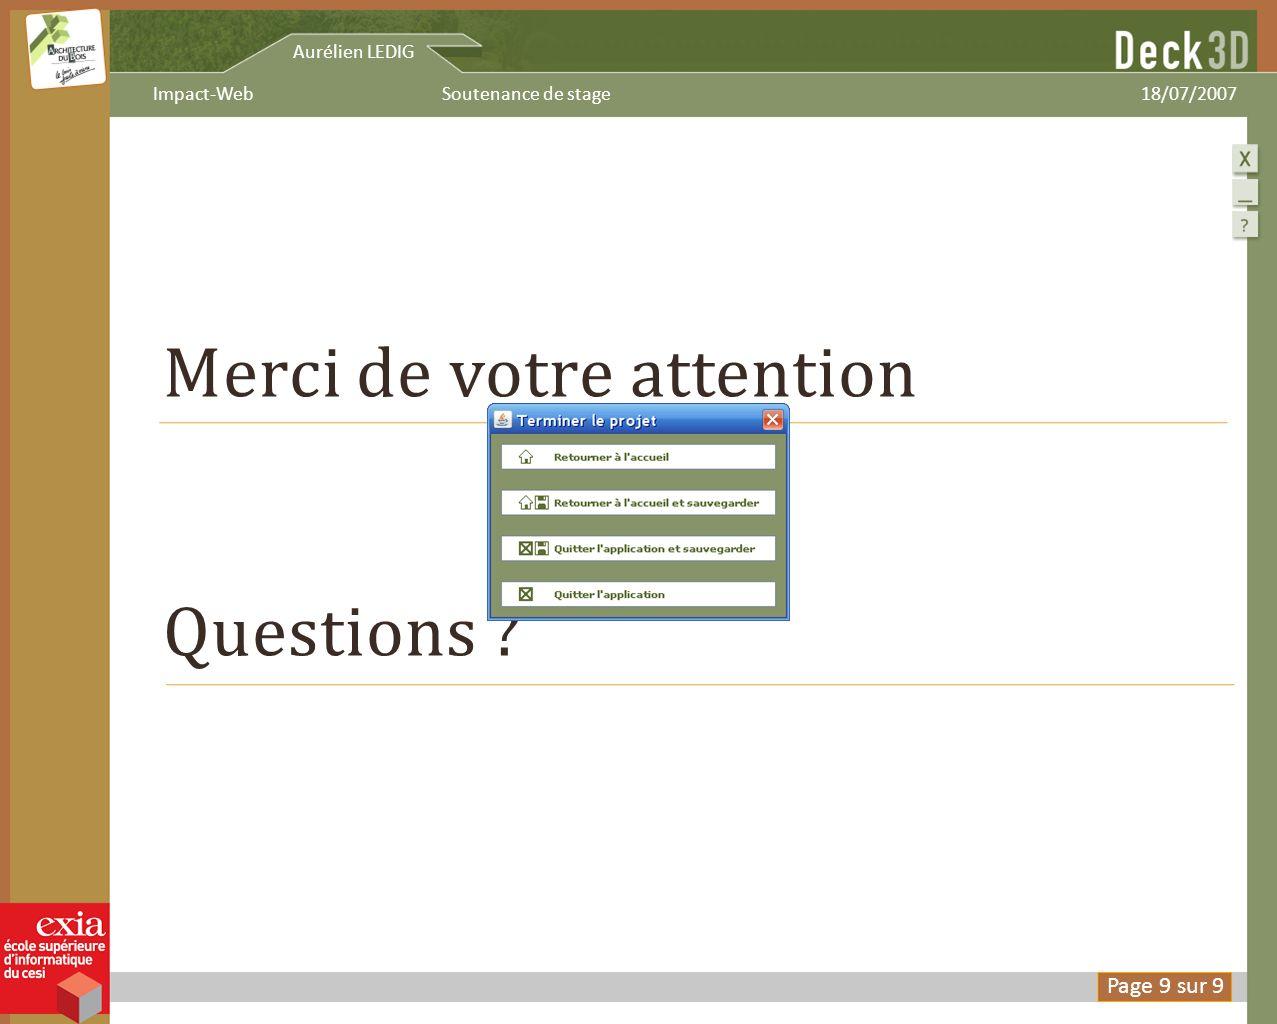 Aurélien LEDIG 18/07/2007Soutenance de stageImpact-Web Merci de votre attention Questions ?